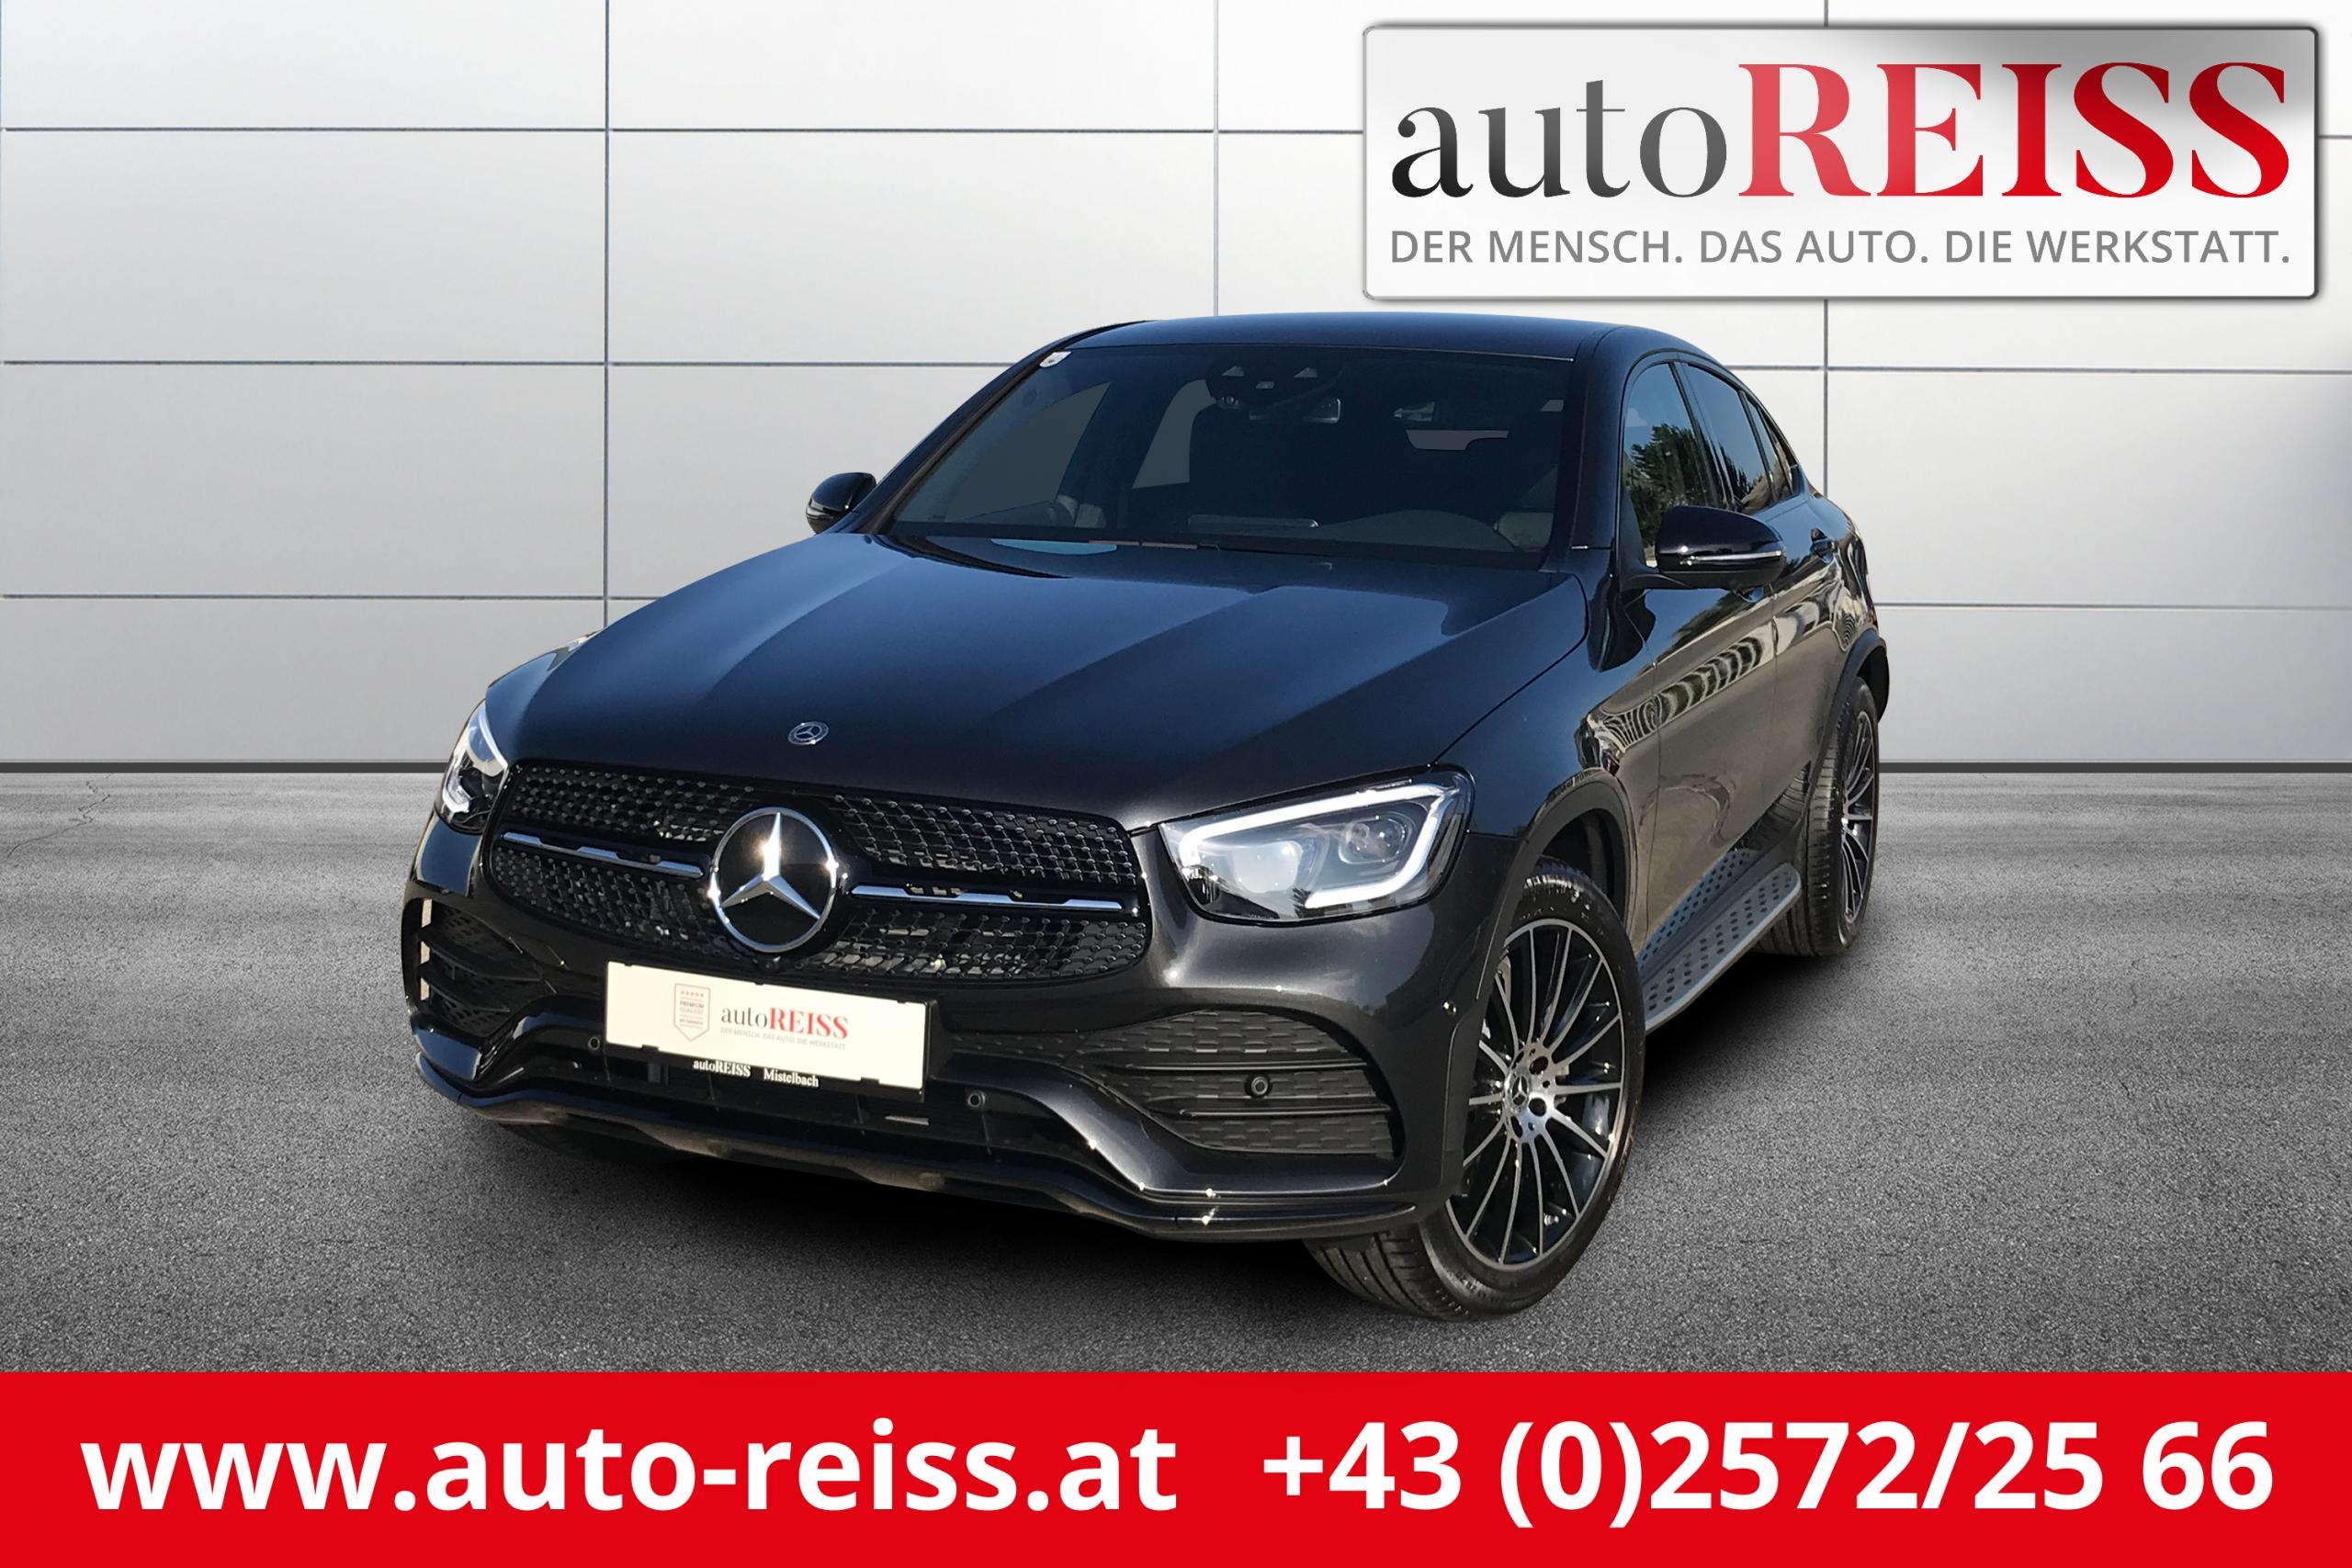 Fotoservice Mercedes Reiss